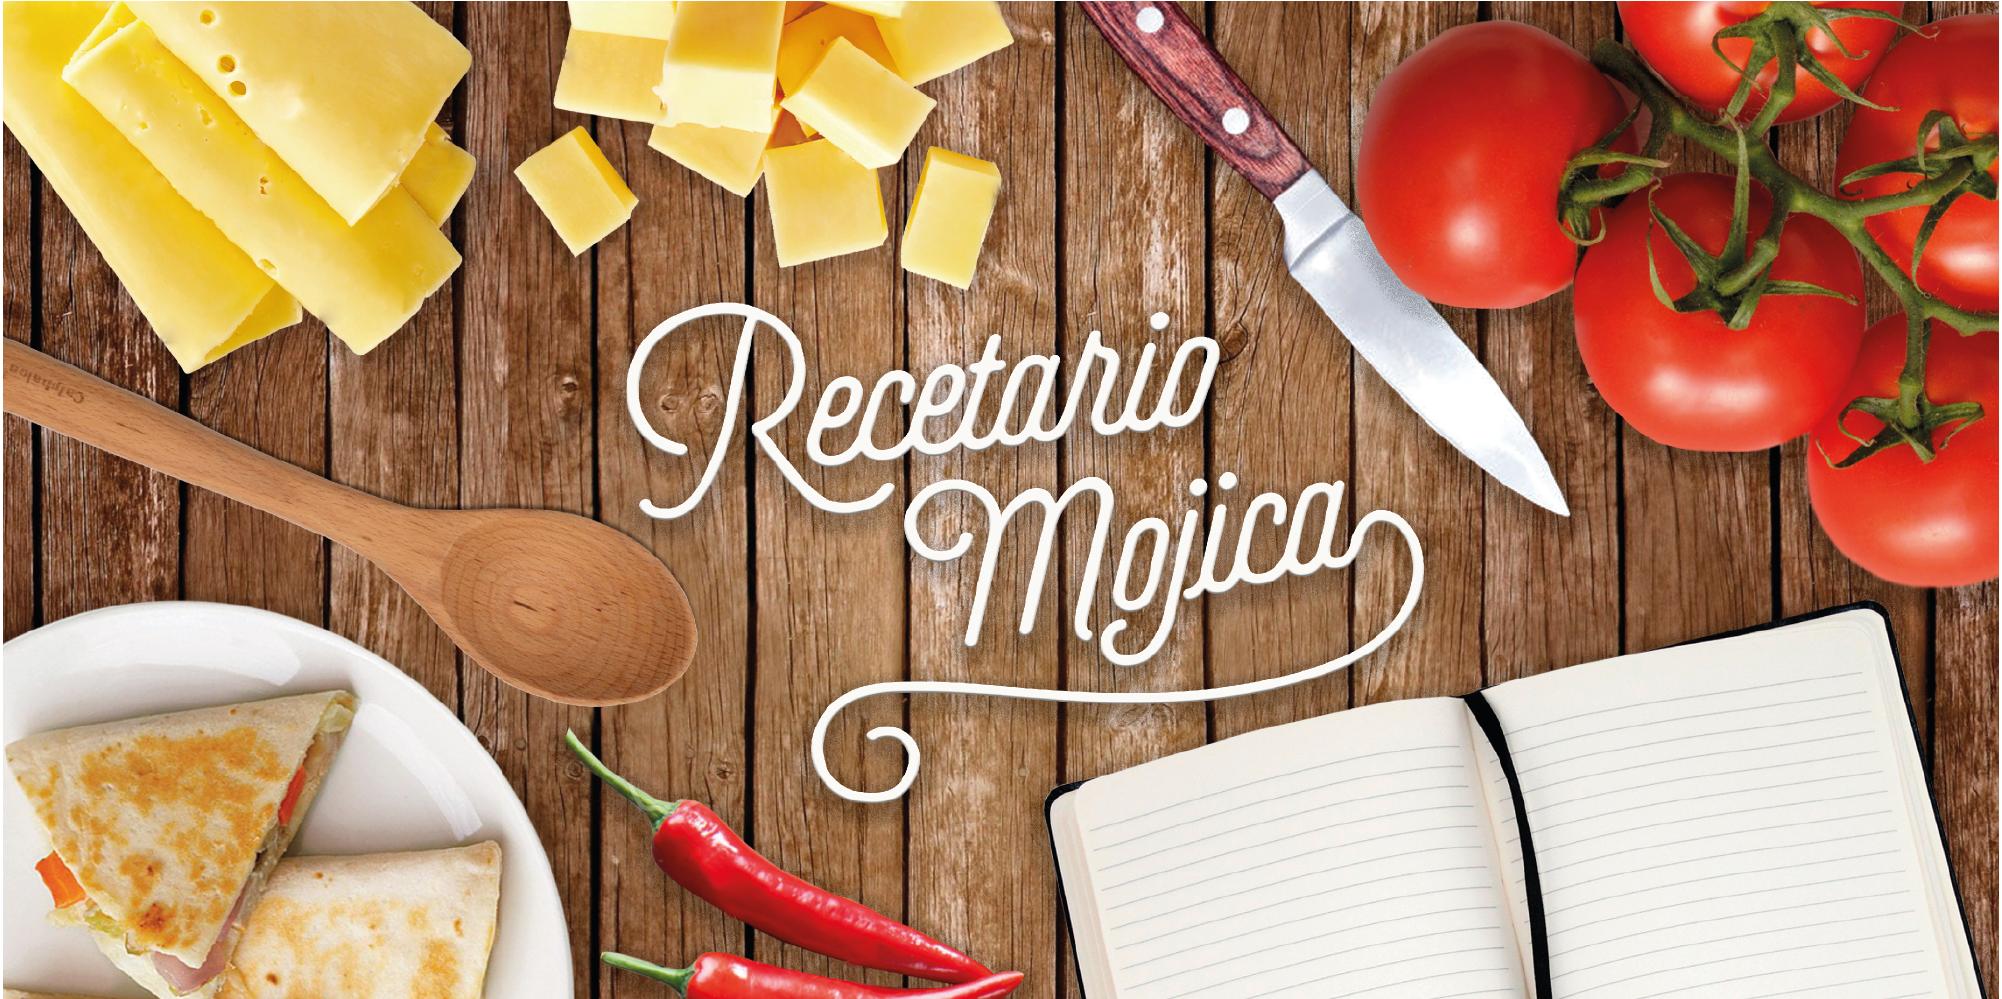 lacteos_mojica-nuestros_productos